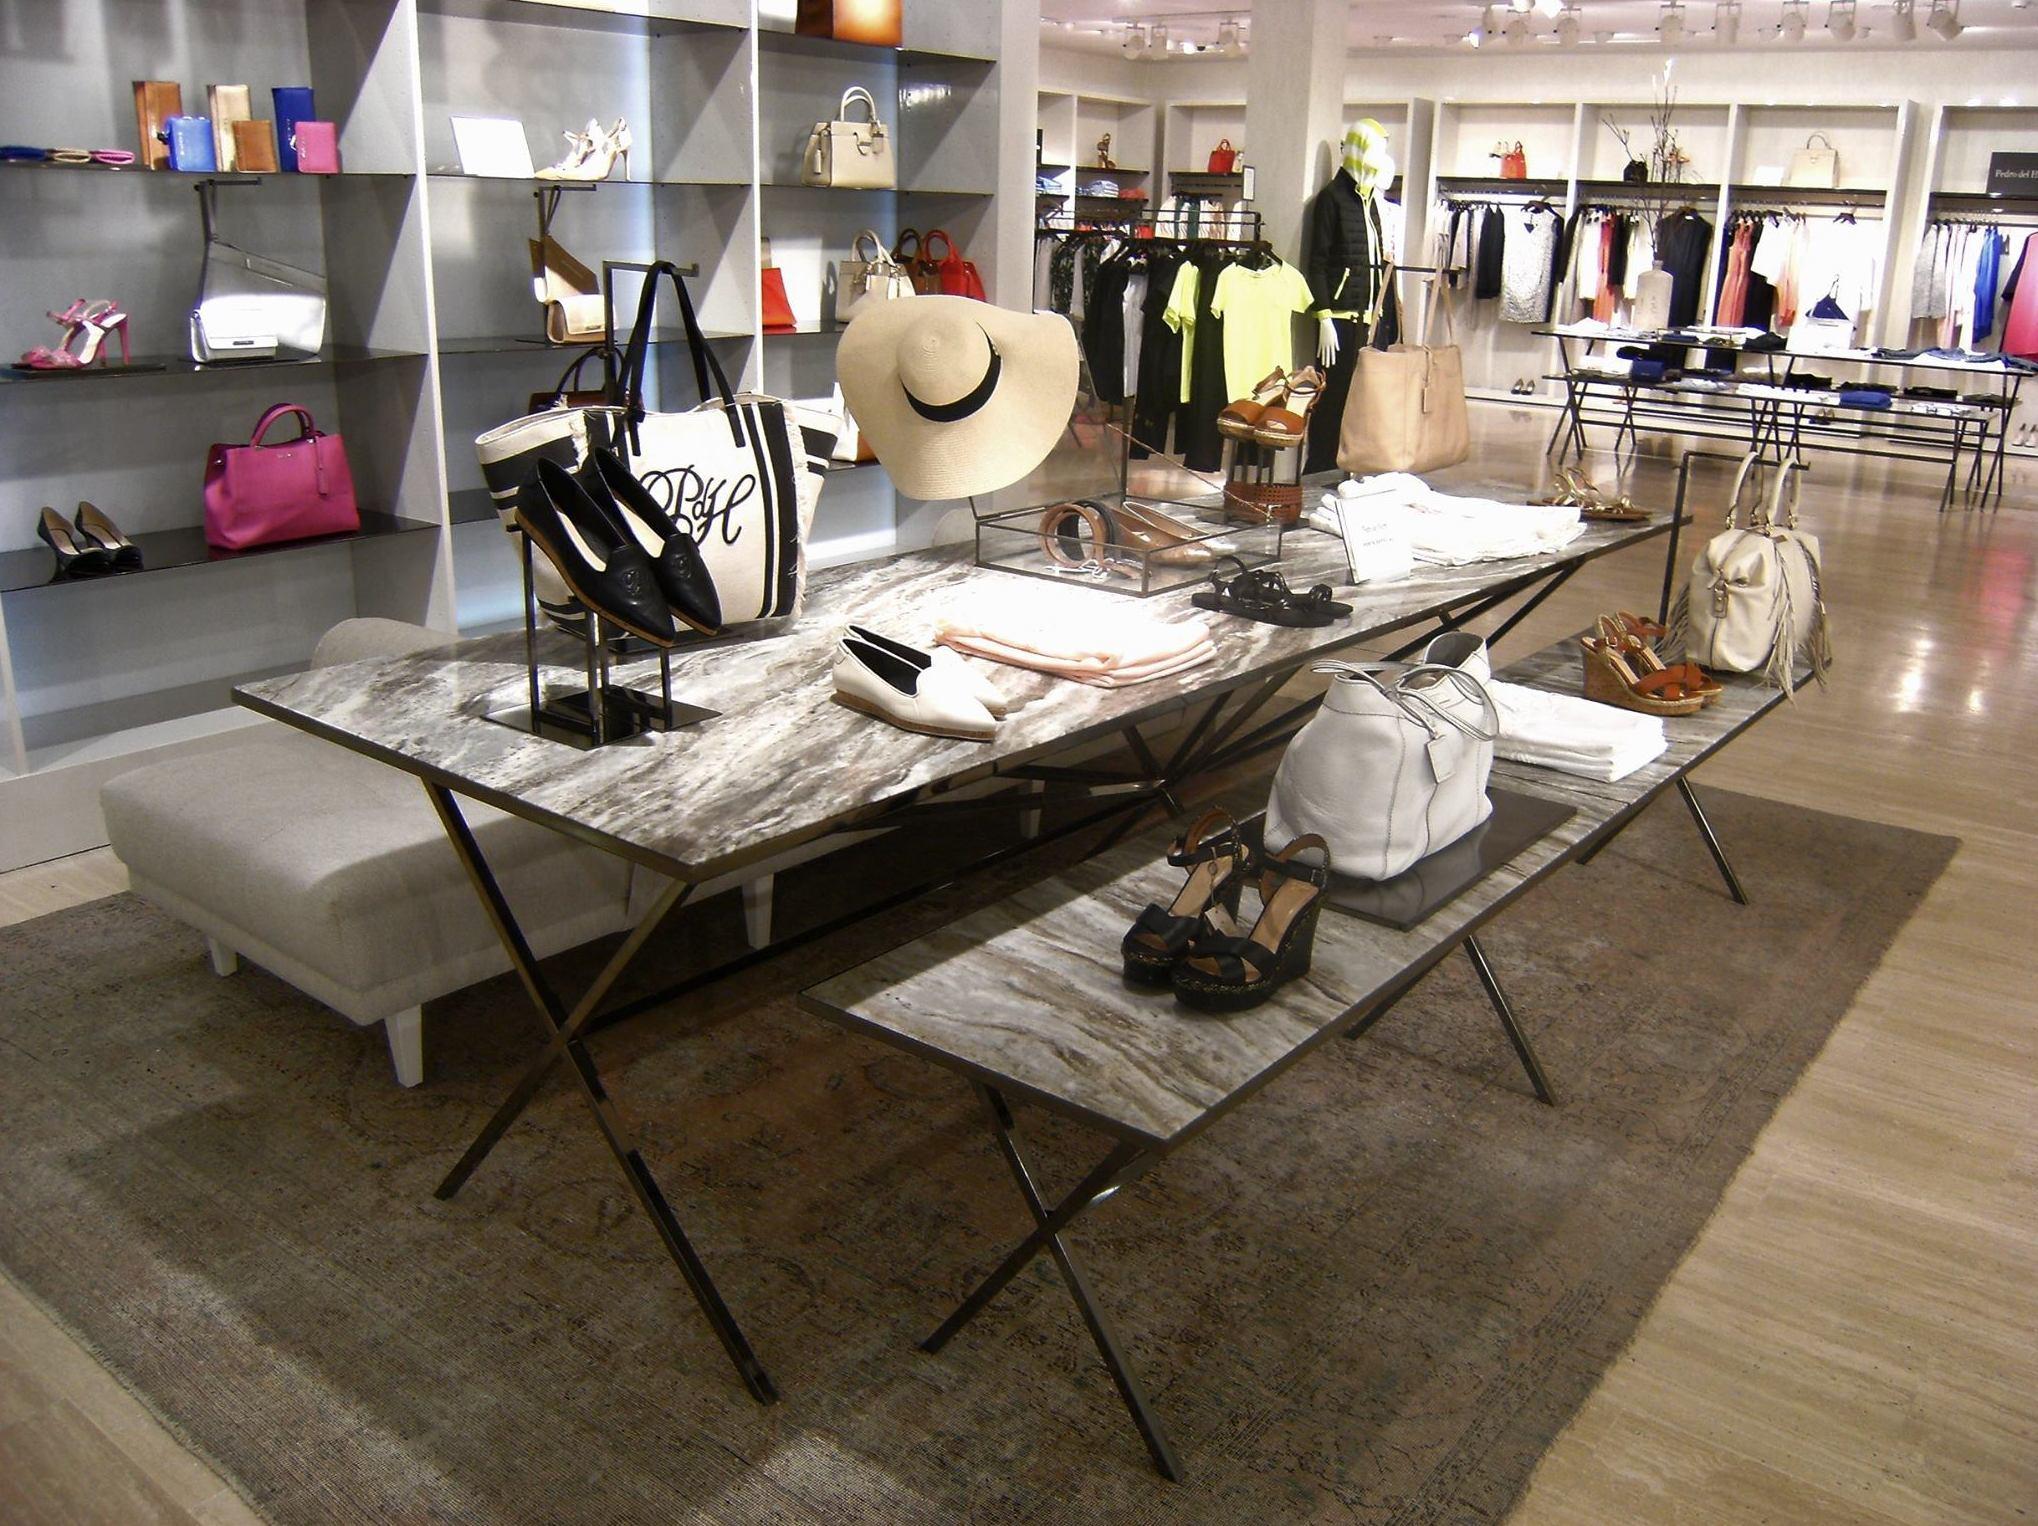 Fabricantes de mobiliario comercial de madrera, metal, mármol, cristal, espejo ... (Tiendas Grupo Cortefiel)